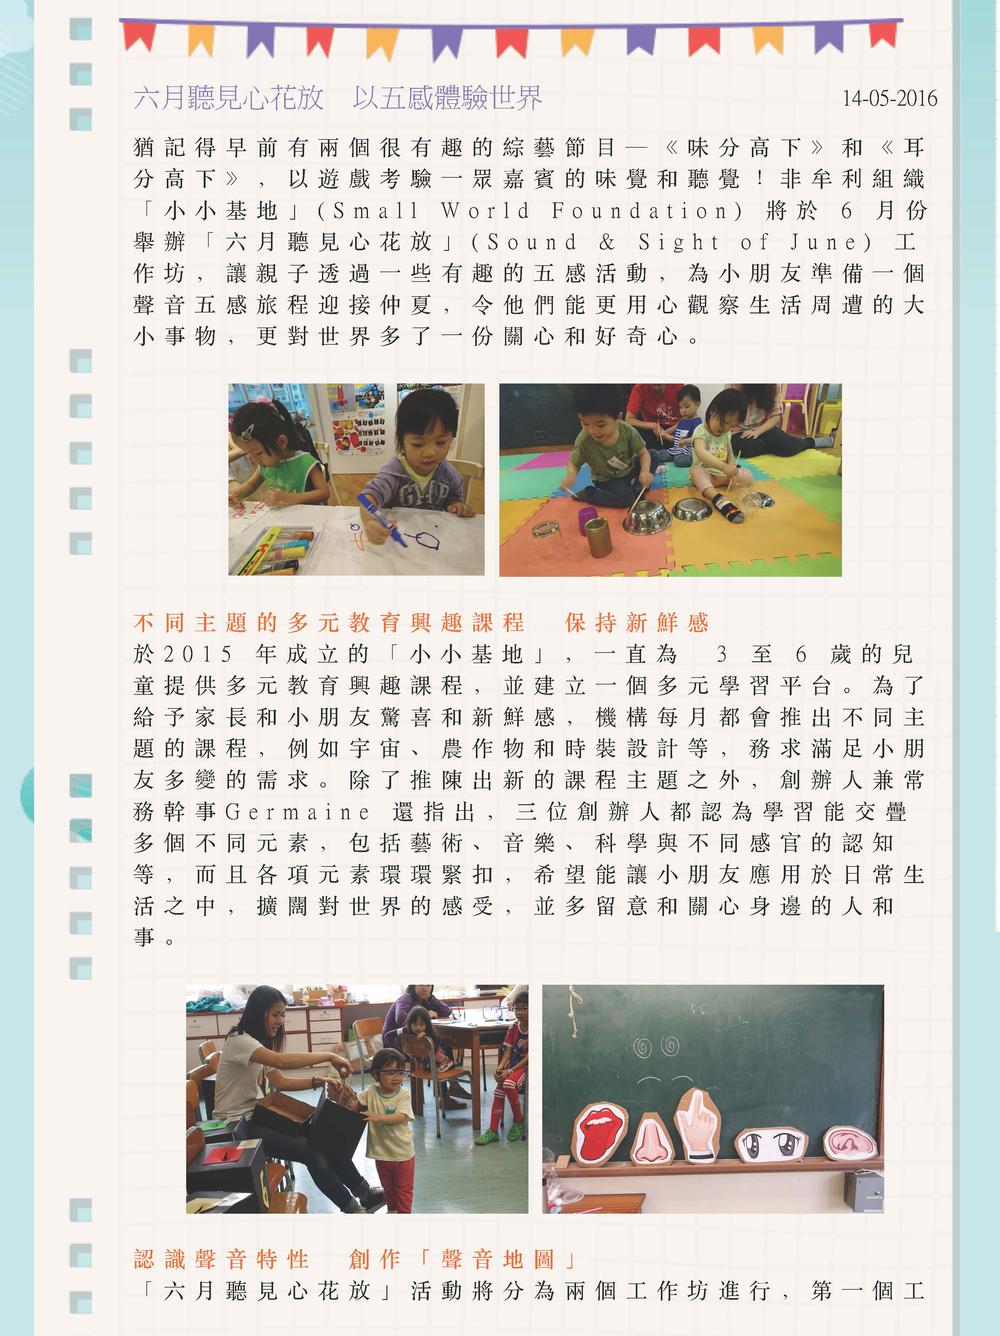 家長學堂 - 六月聽見心花放 以五感體驗世界 - EVI兒童教育資訊網_Page_1.jpg